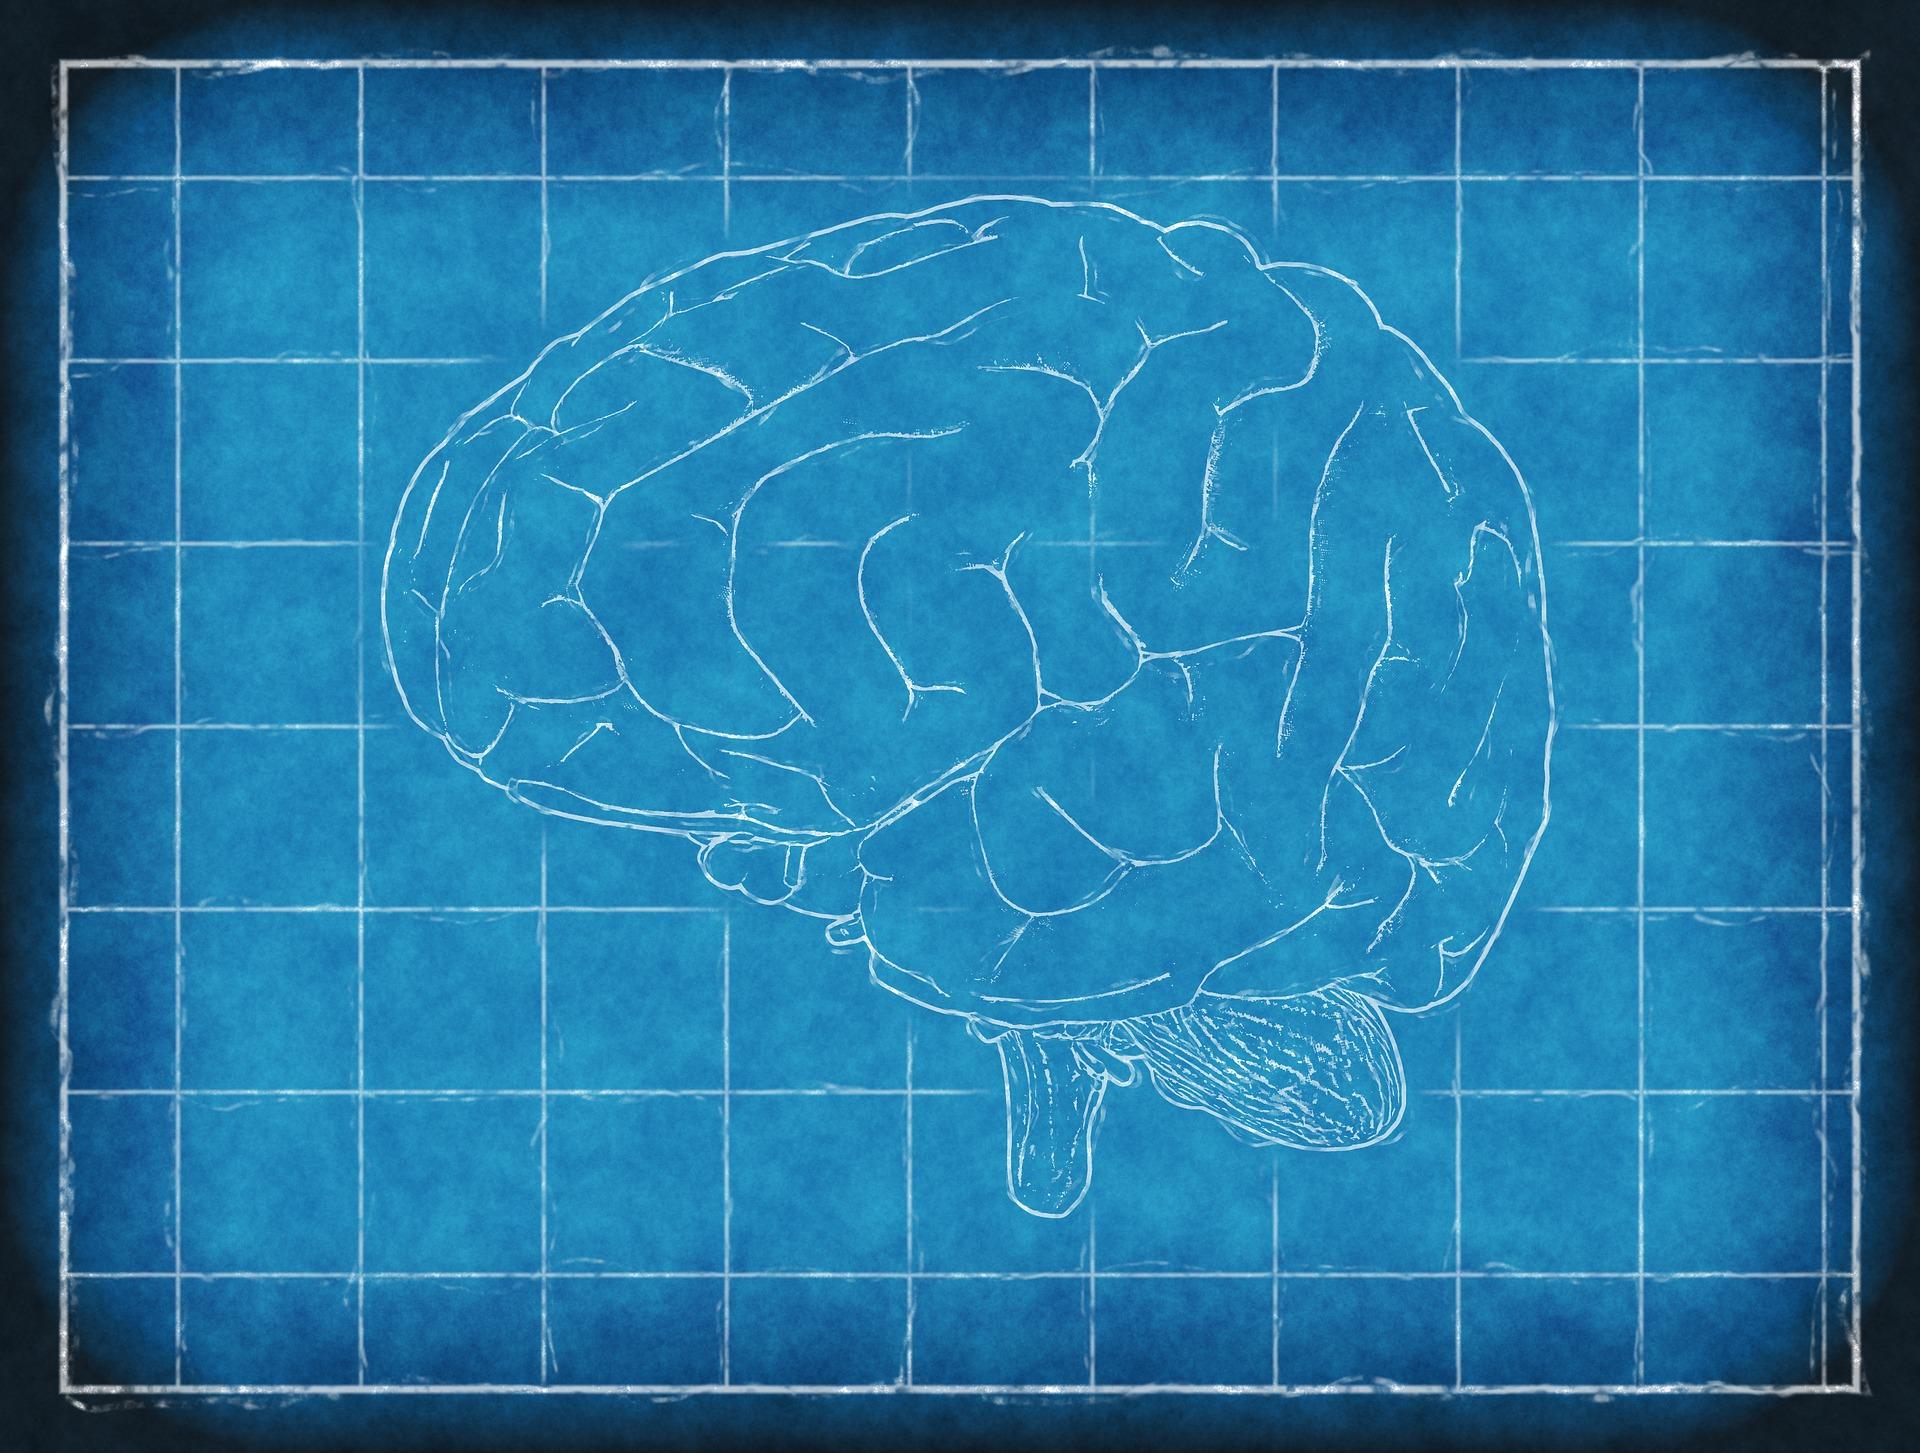 Znate li svoj IQ? Prijavite se na Mensa testiranje inteligencije